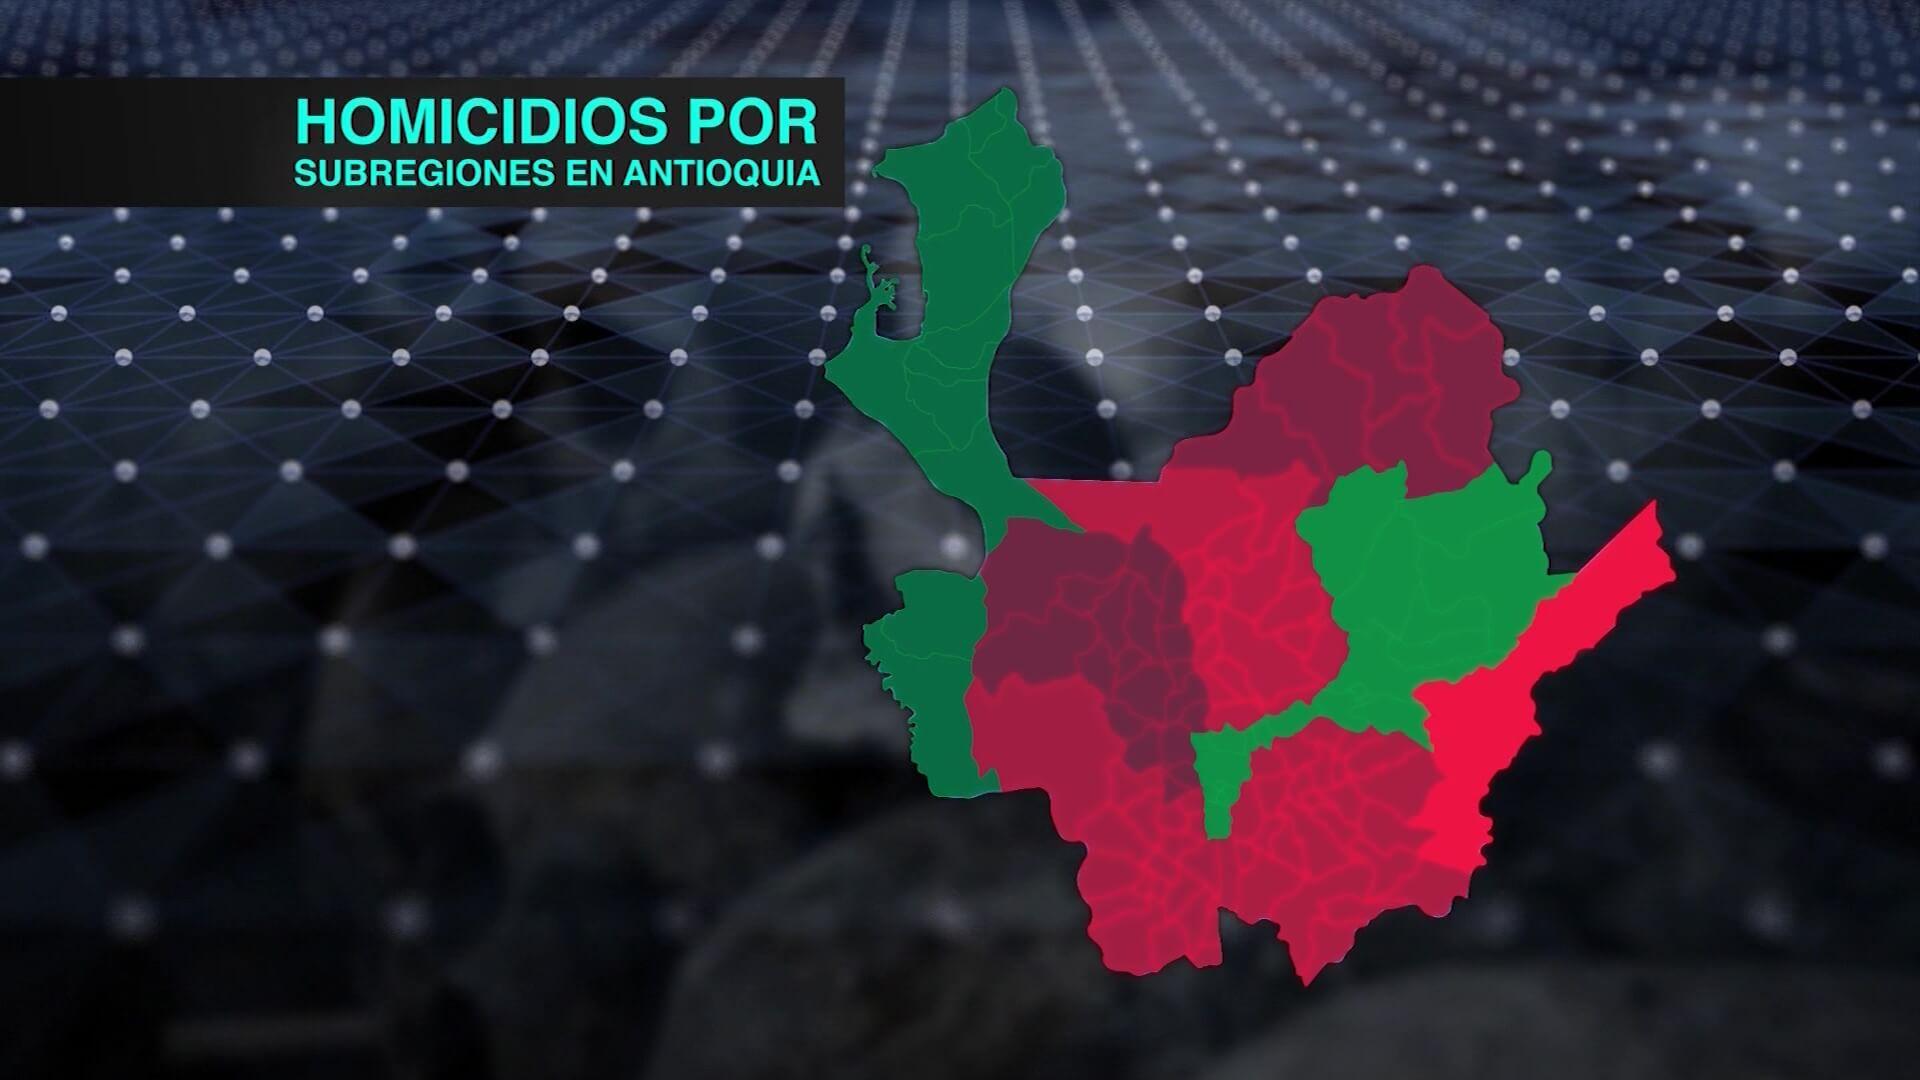 En varias subregiones ha aumentado el homicidio